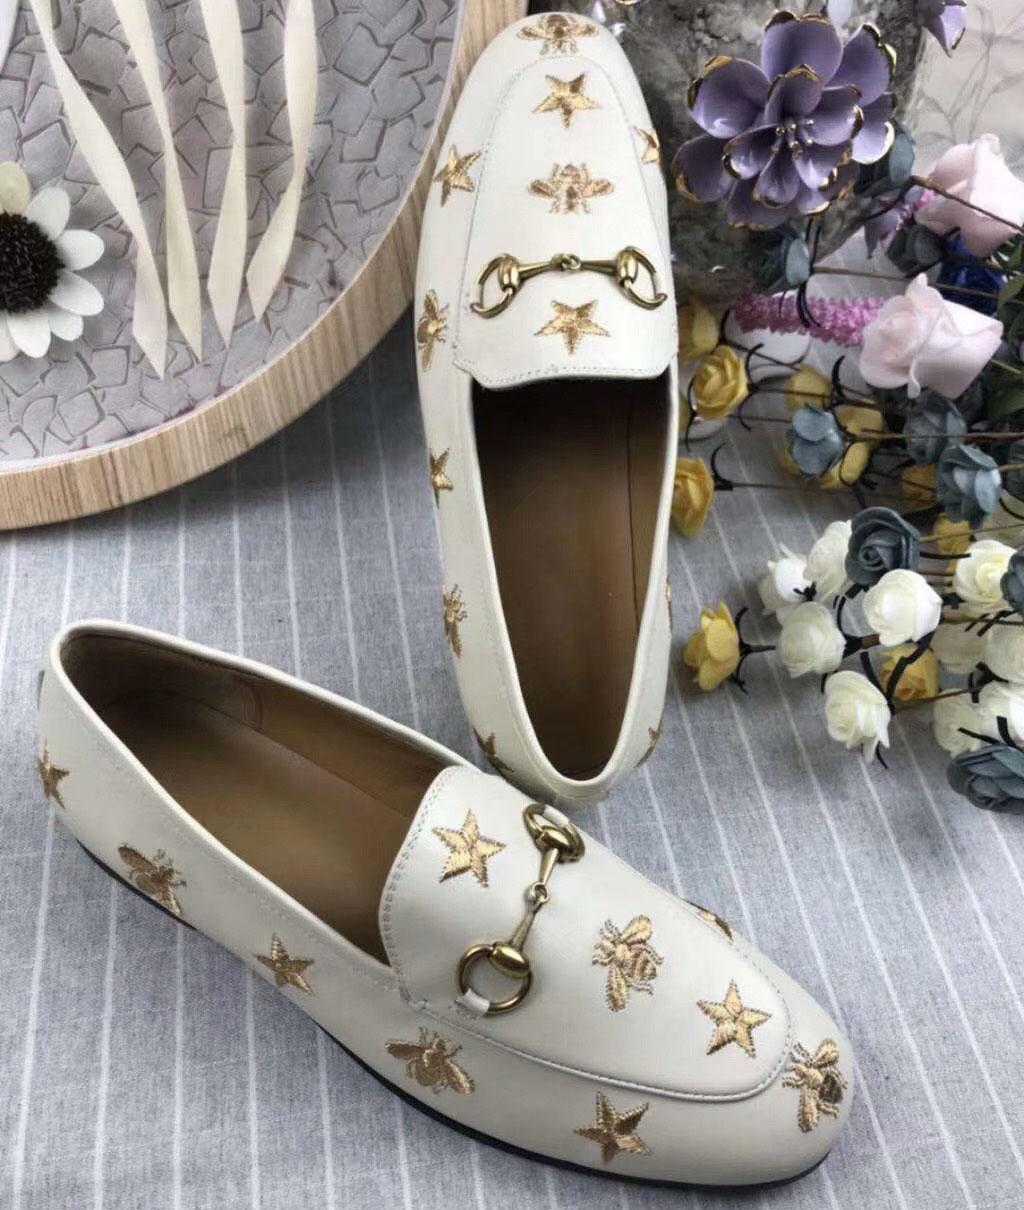 Nouvelle star + chaussures en cuir d'abeilles fond de plat dame taille en cuir pleine, pleine taille 35-41 noir. Beige.